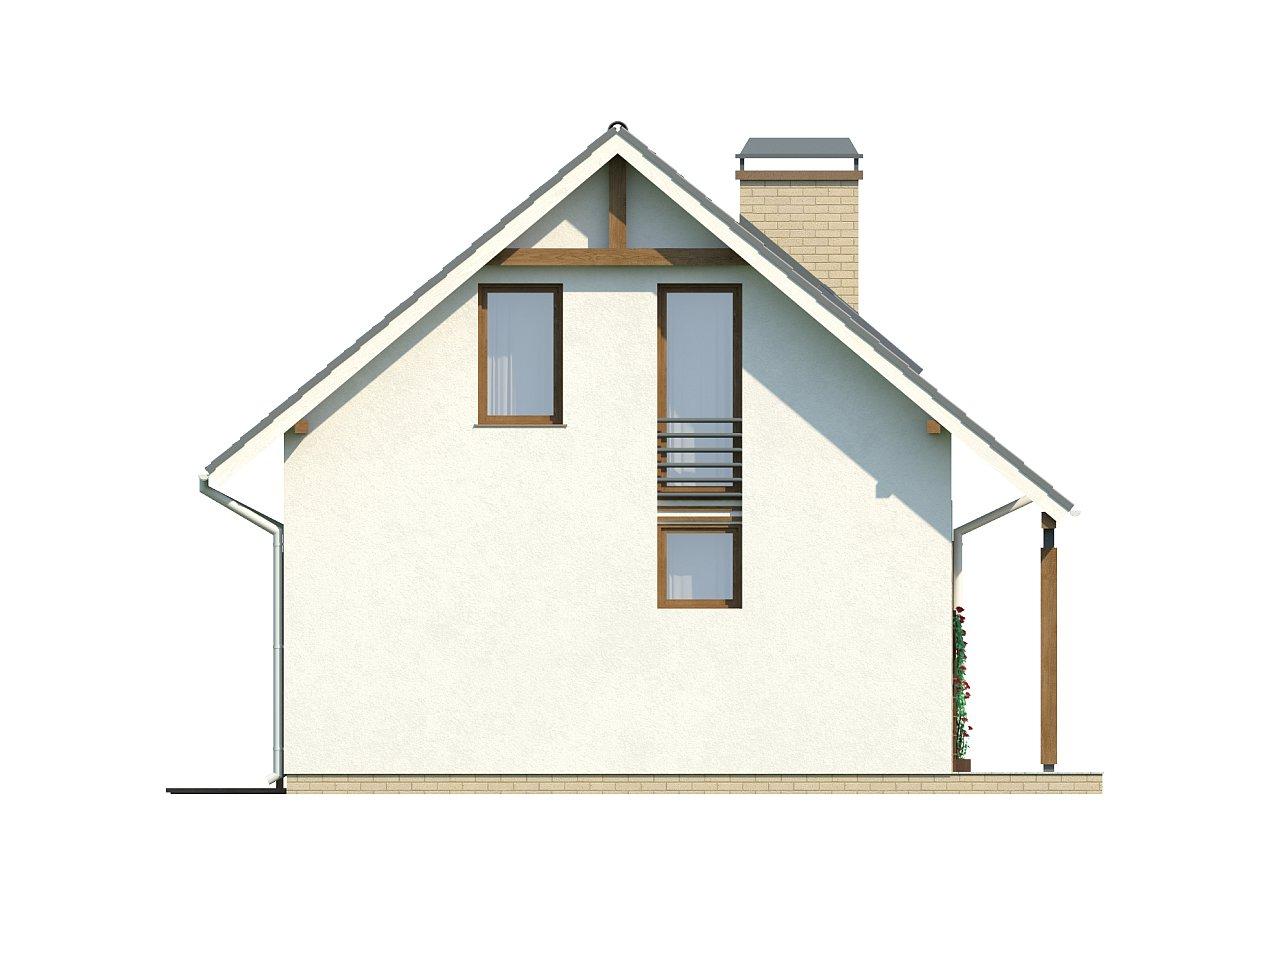 Практичный функциональный дом, недорогой в строительстве и эксплуатации. 16